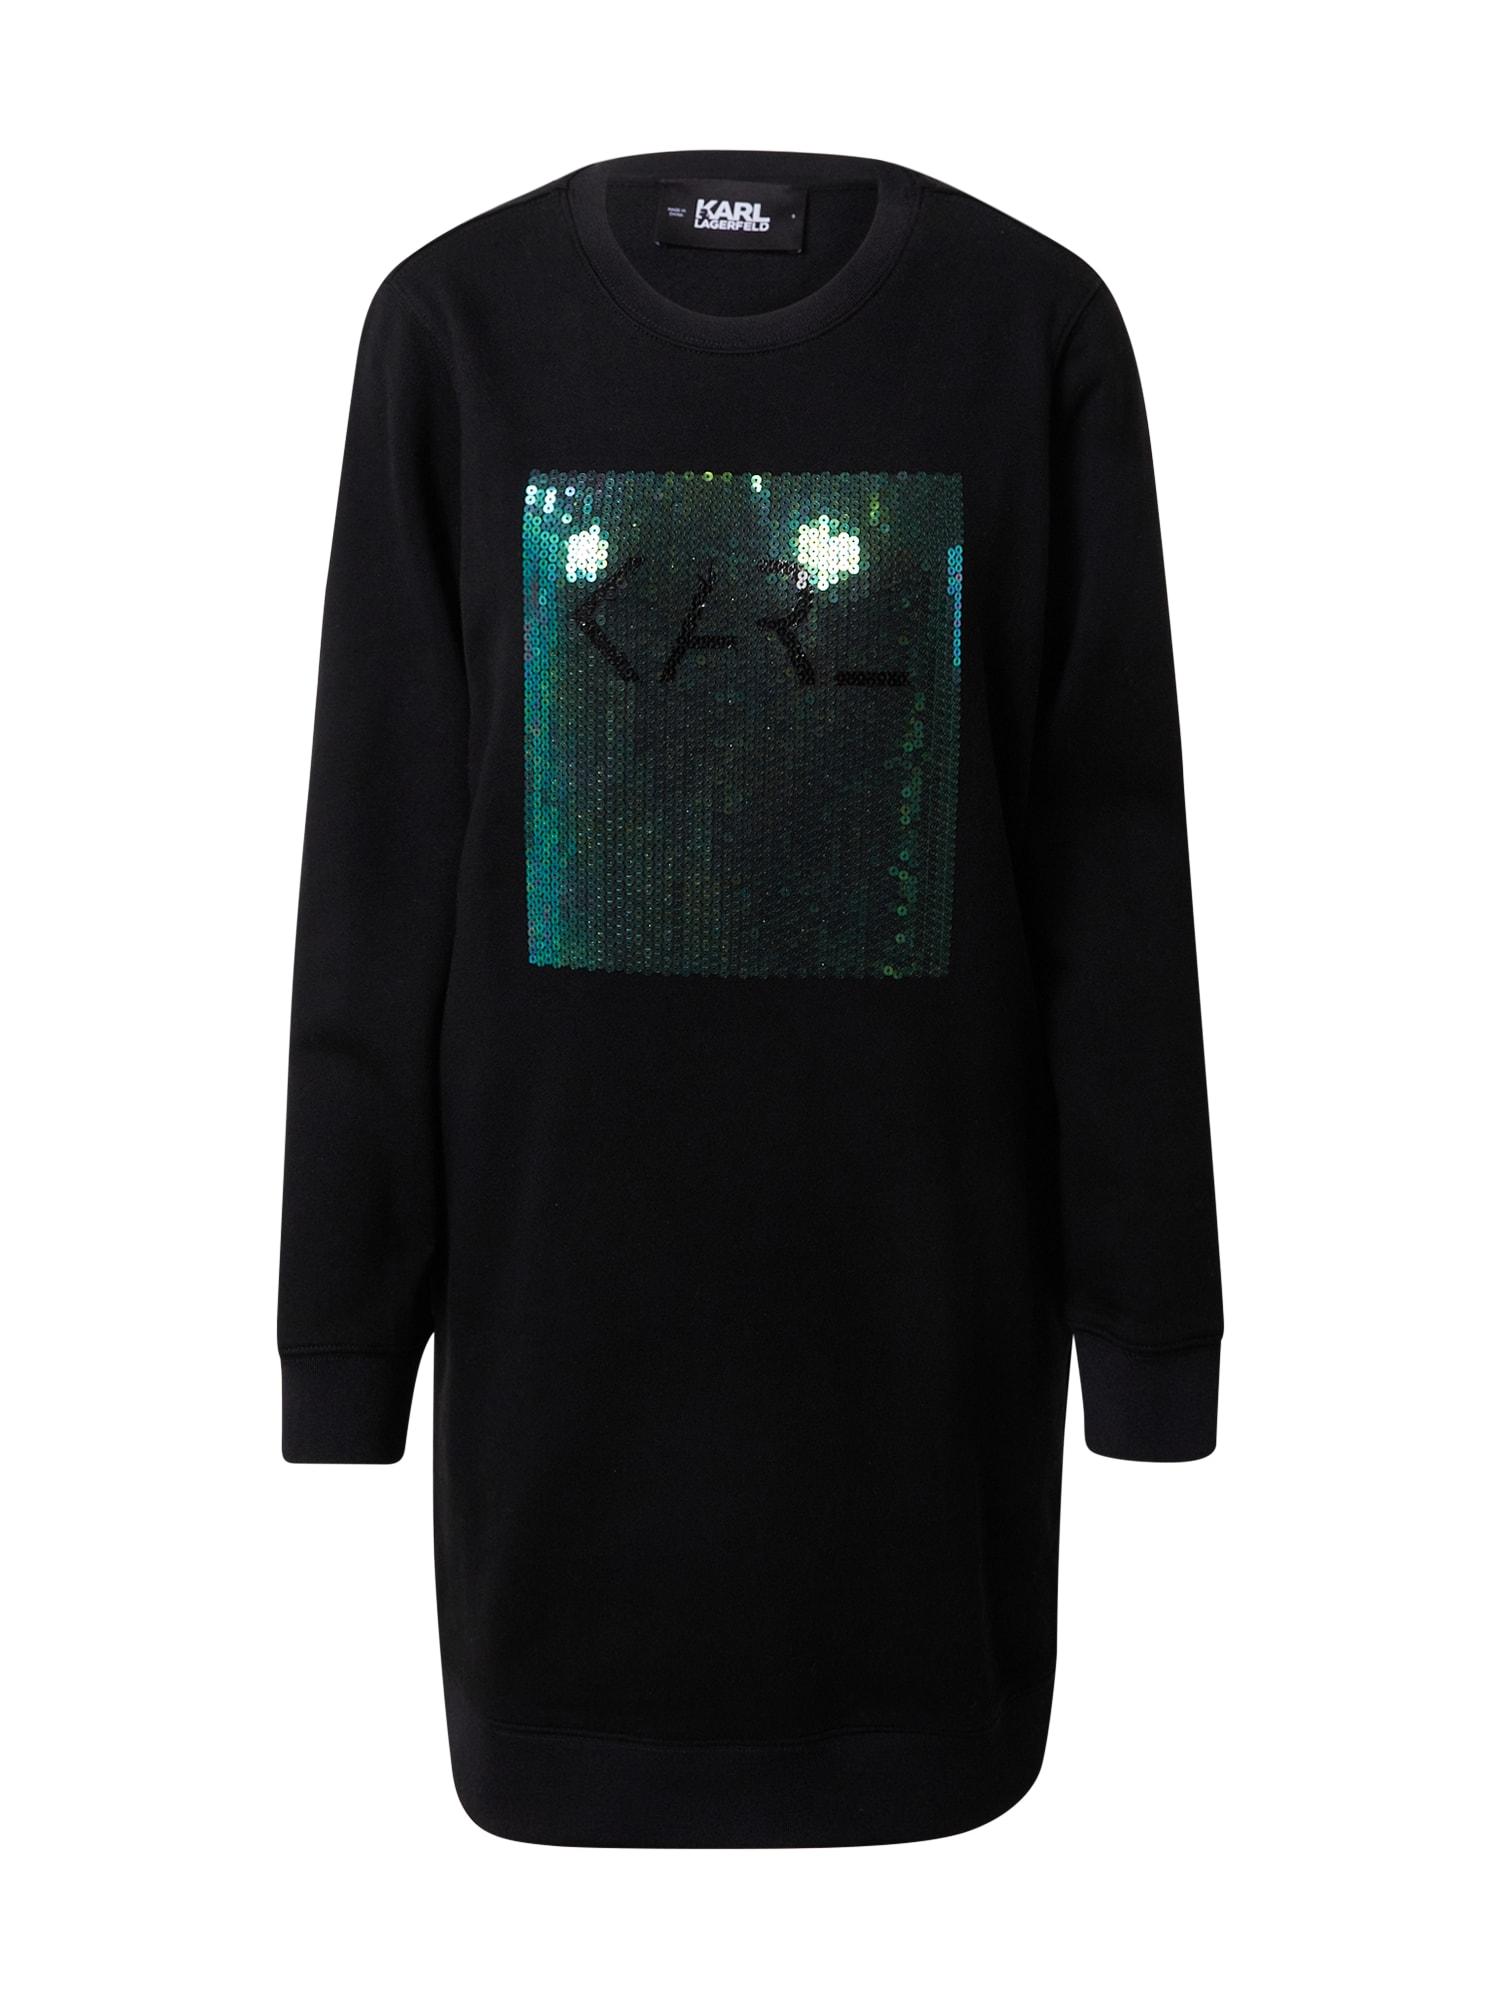 Karl Lagerfeld Suknelė juoda / tamsiai žalia